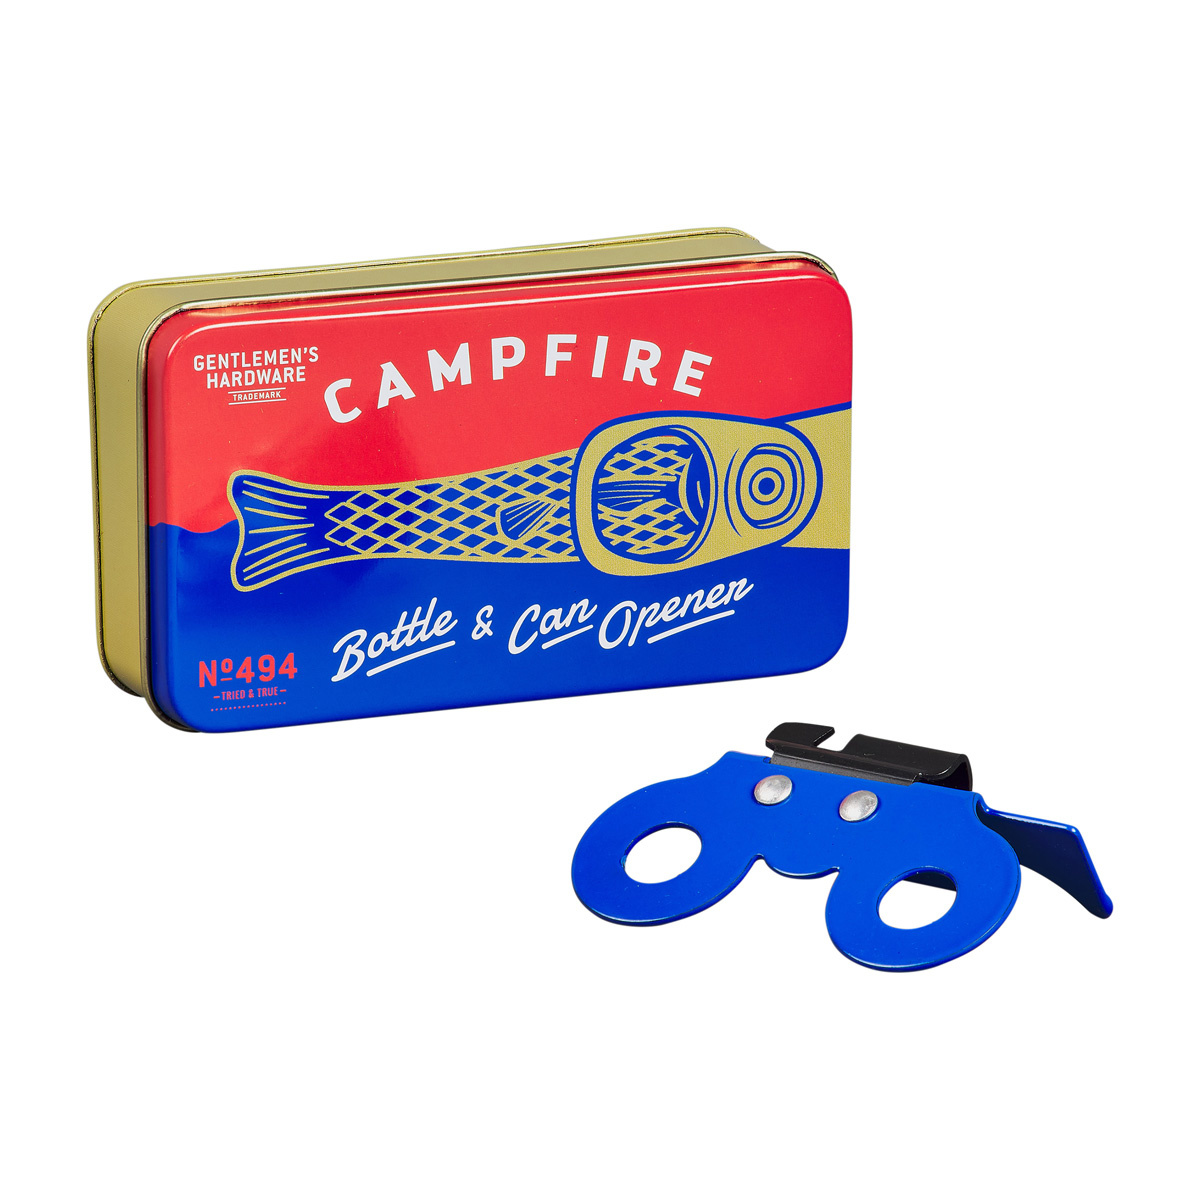 Gentlemen's Hardware Campfire Bottle & Can Opener